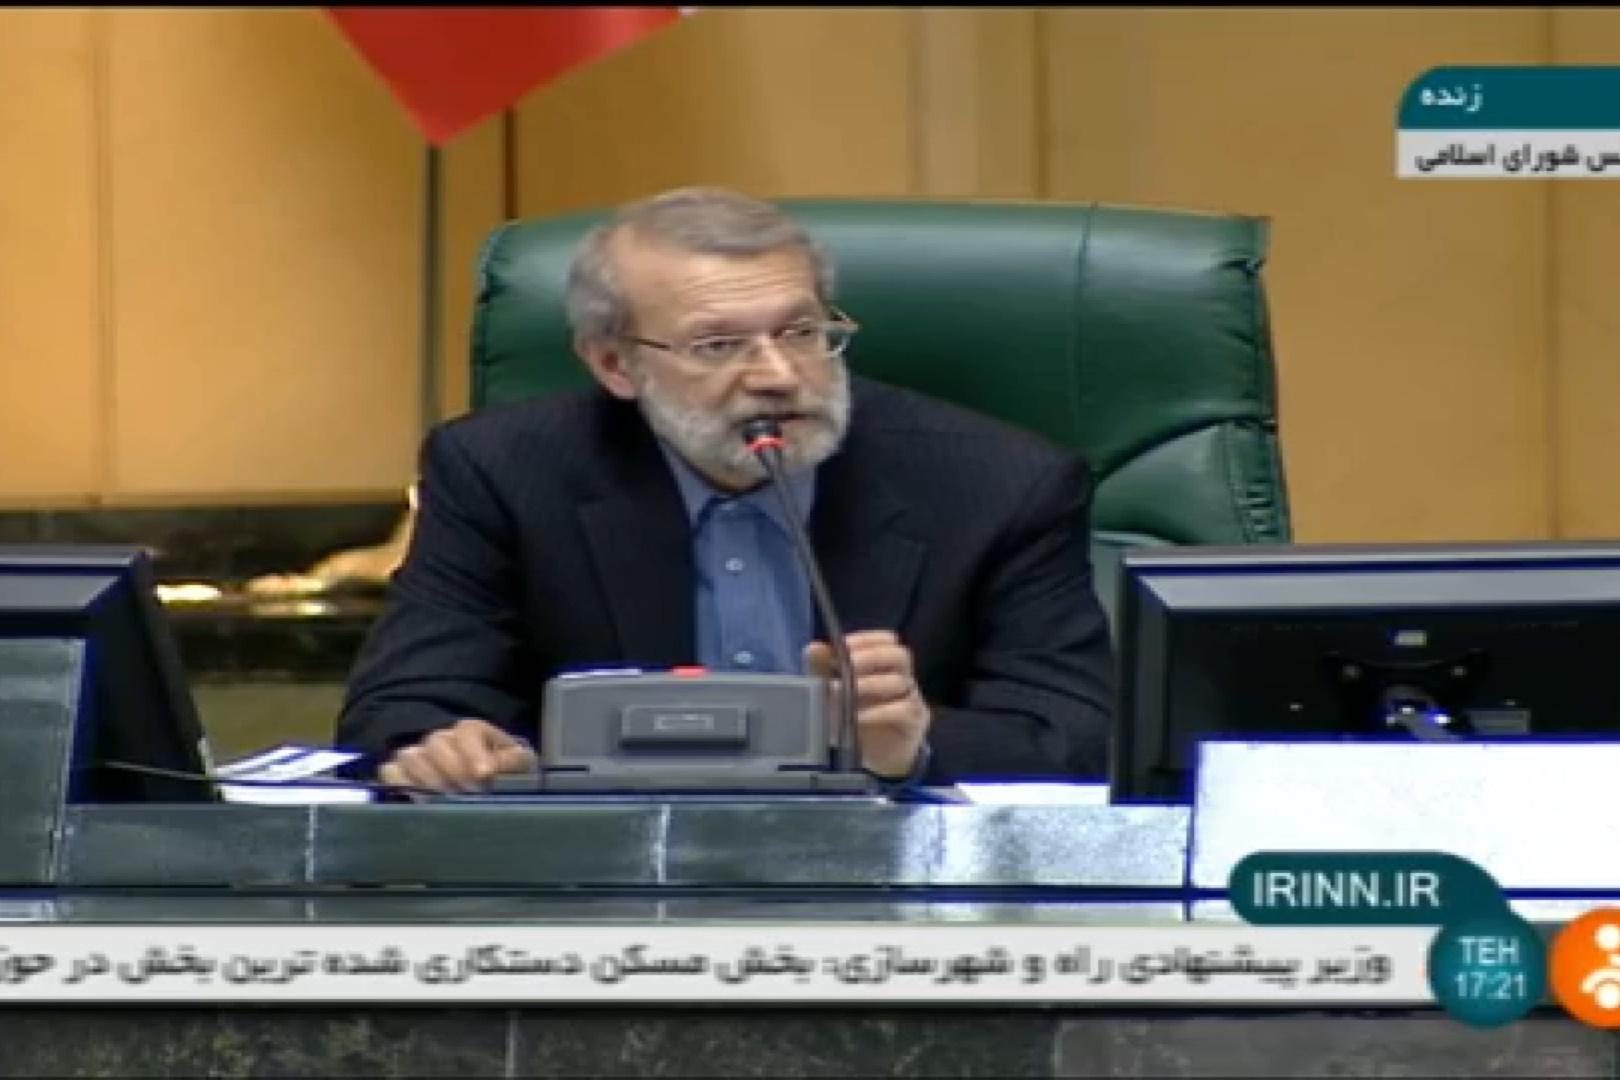 فیلم | واکنش لاریجانی به اظهارات خلاف یک نماینده خطاب به زنگنه